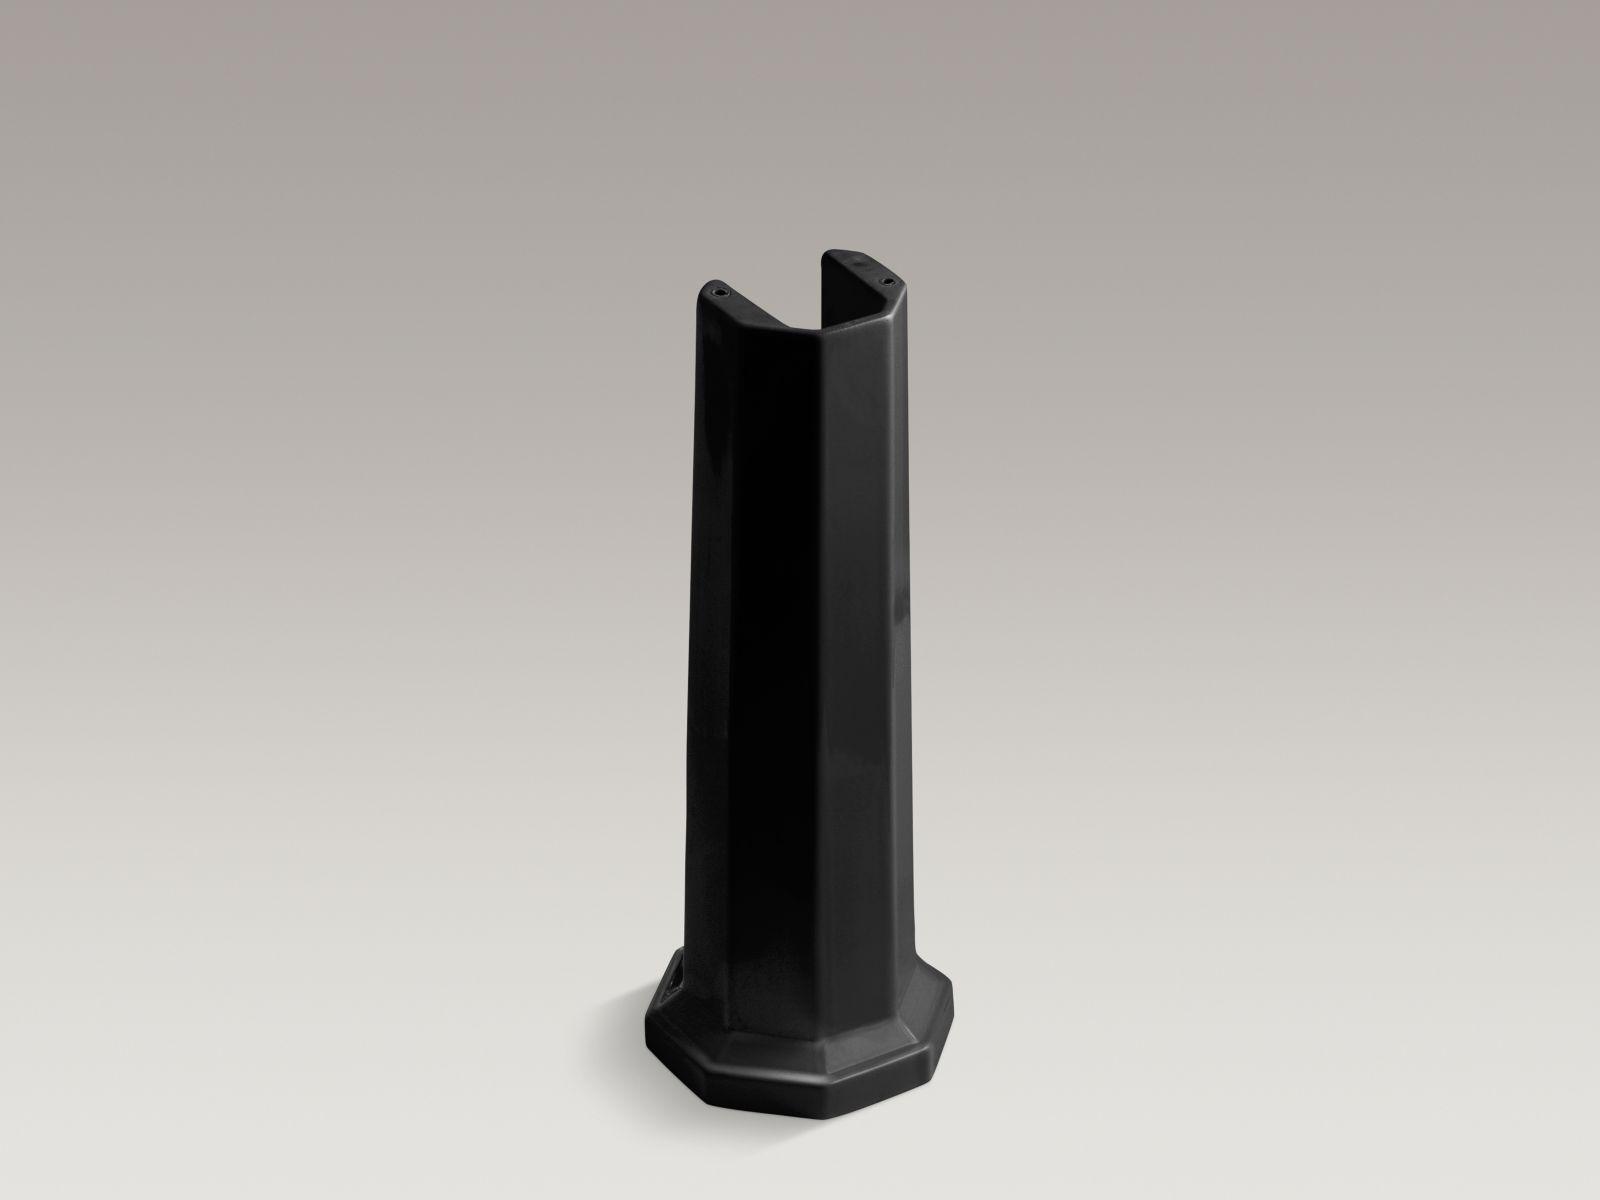 Kohler K-2324-7 Kathryn Lavatory Pedestal Black Black